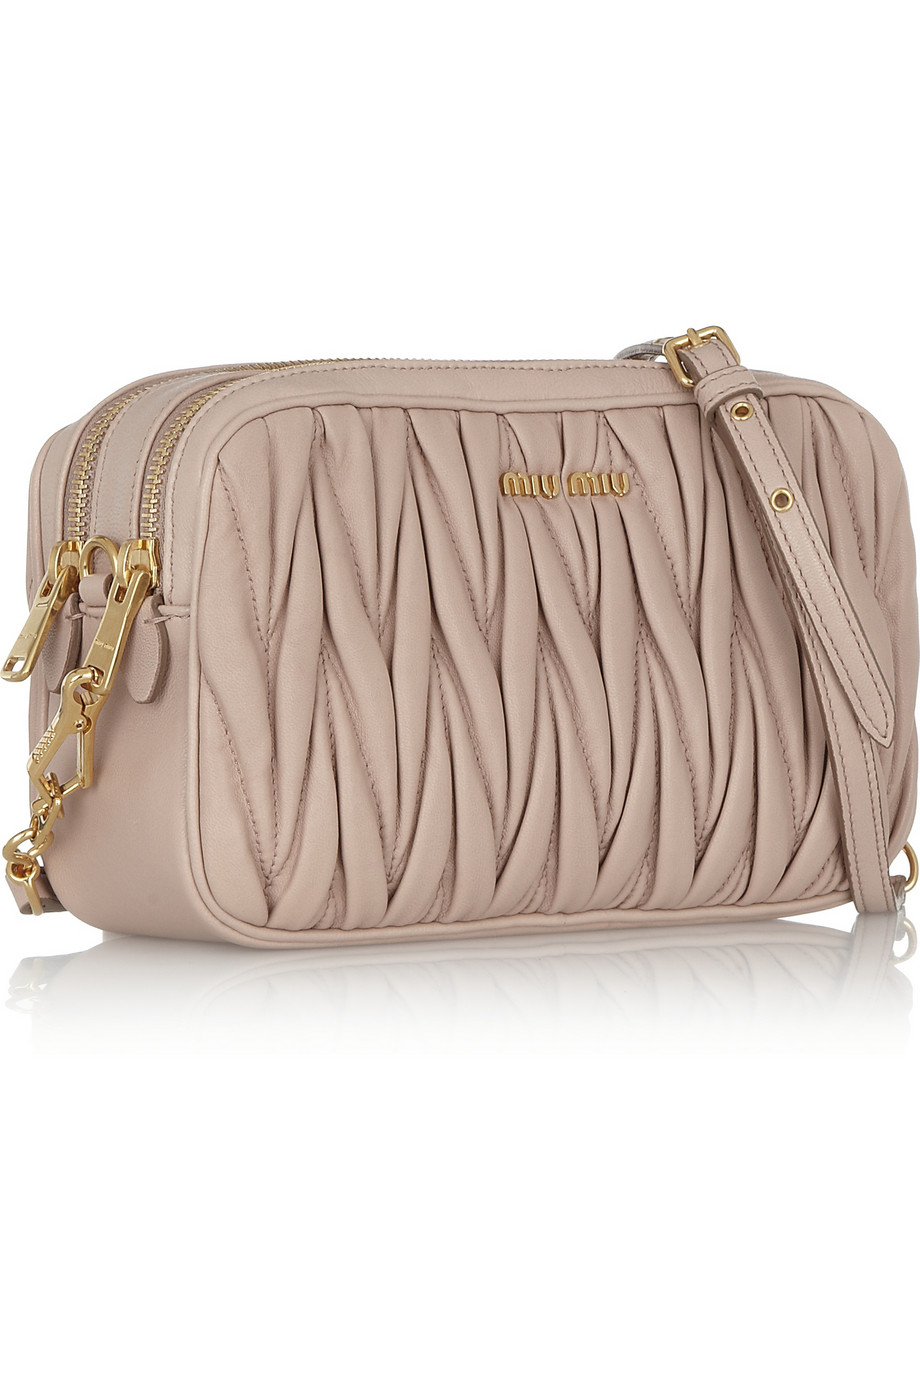 d49d03b6656a Miu Miu Matelassé Leather Shoulder Bag in Natural - Lyst